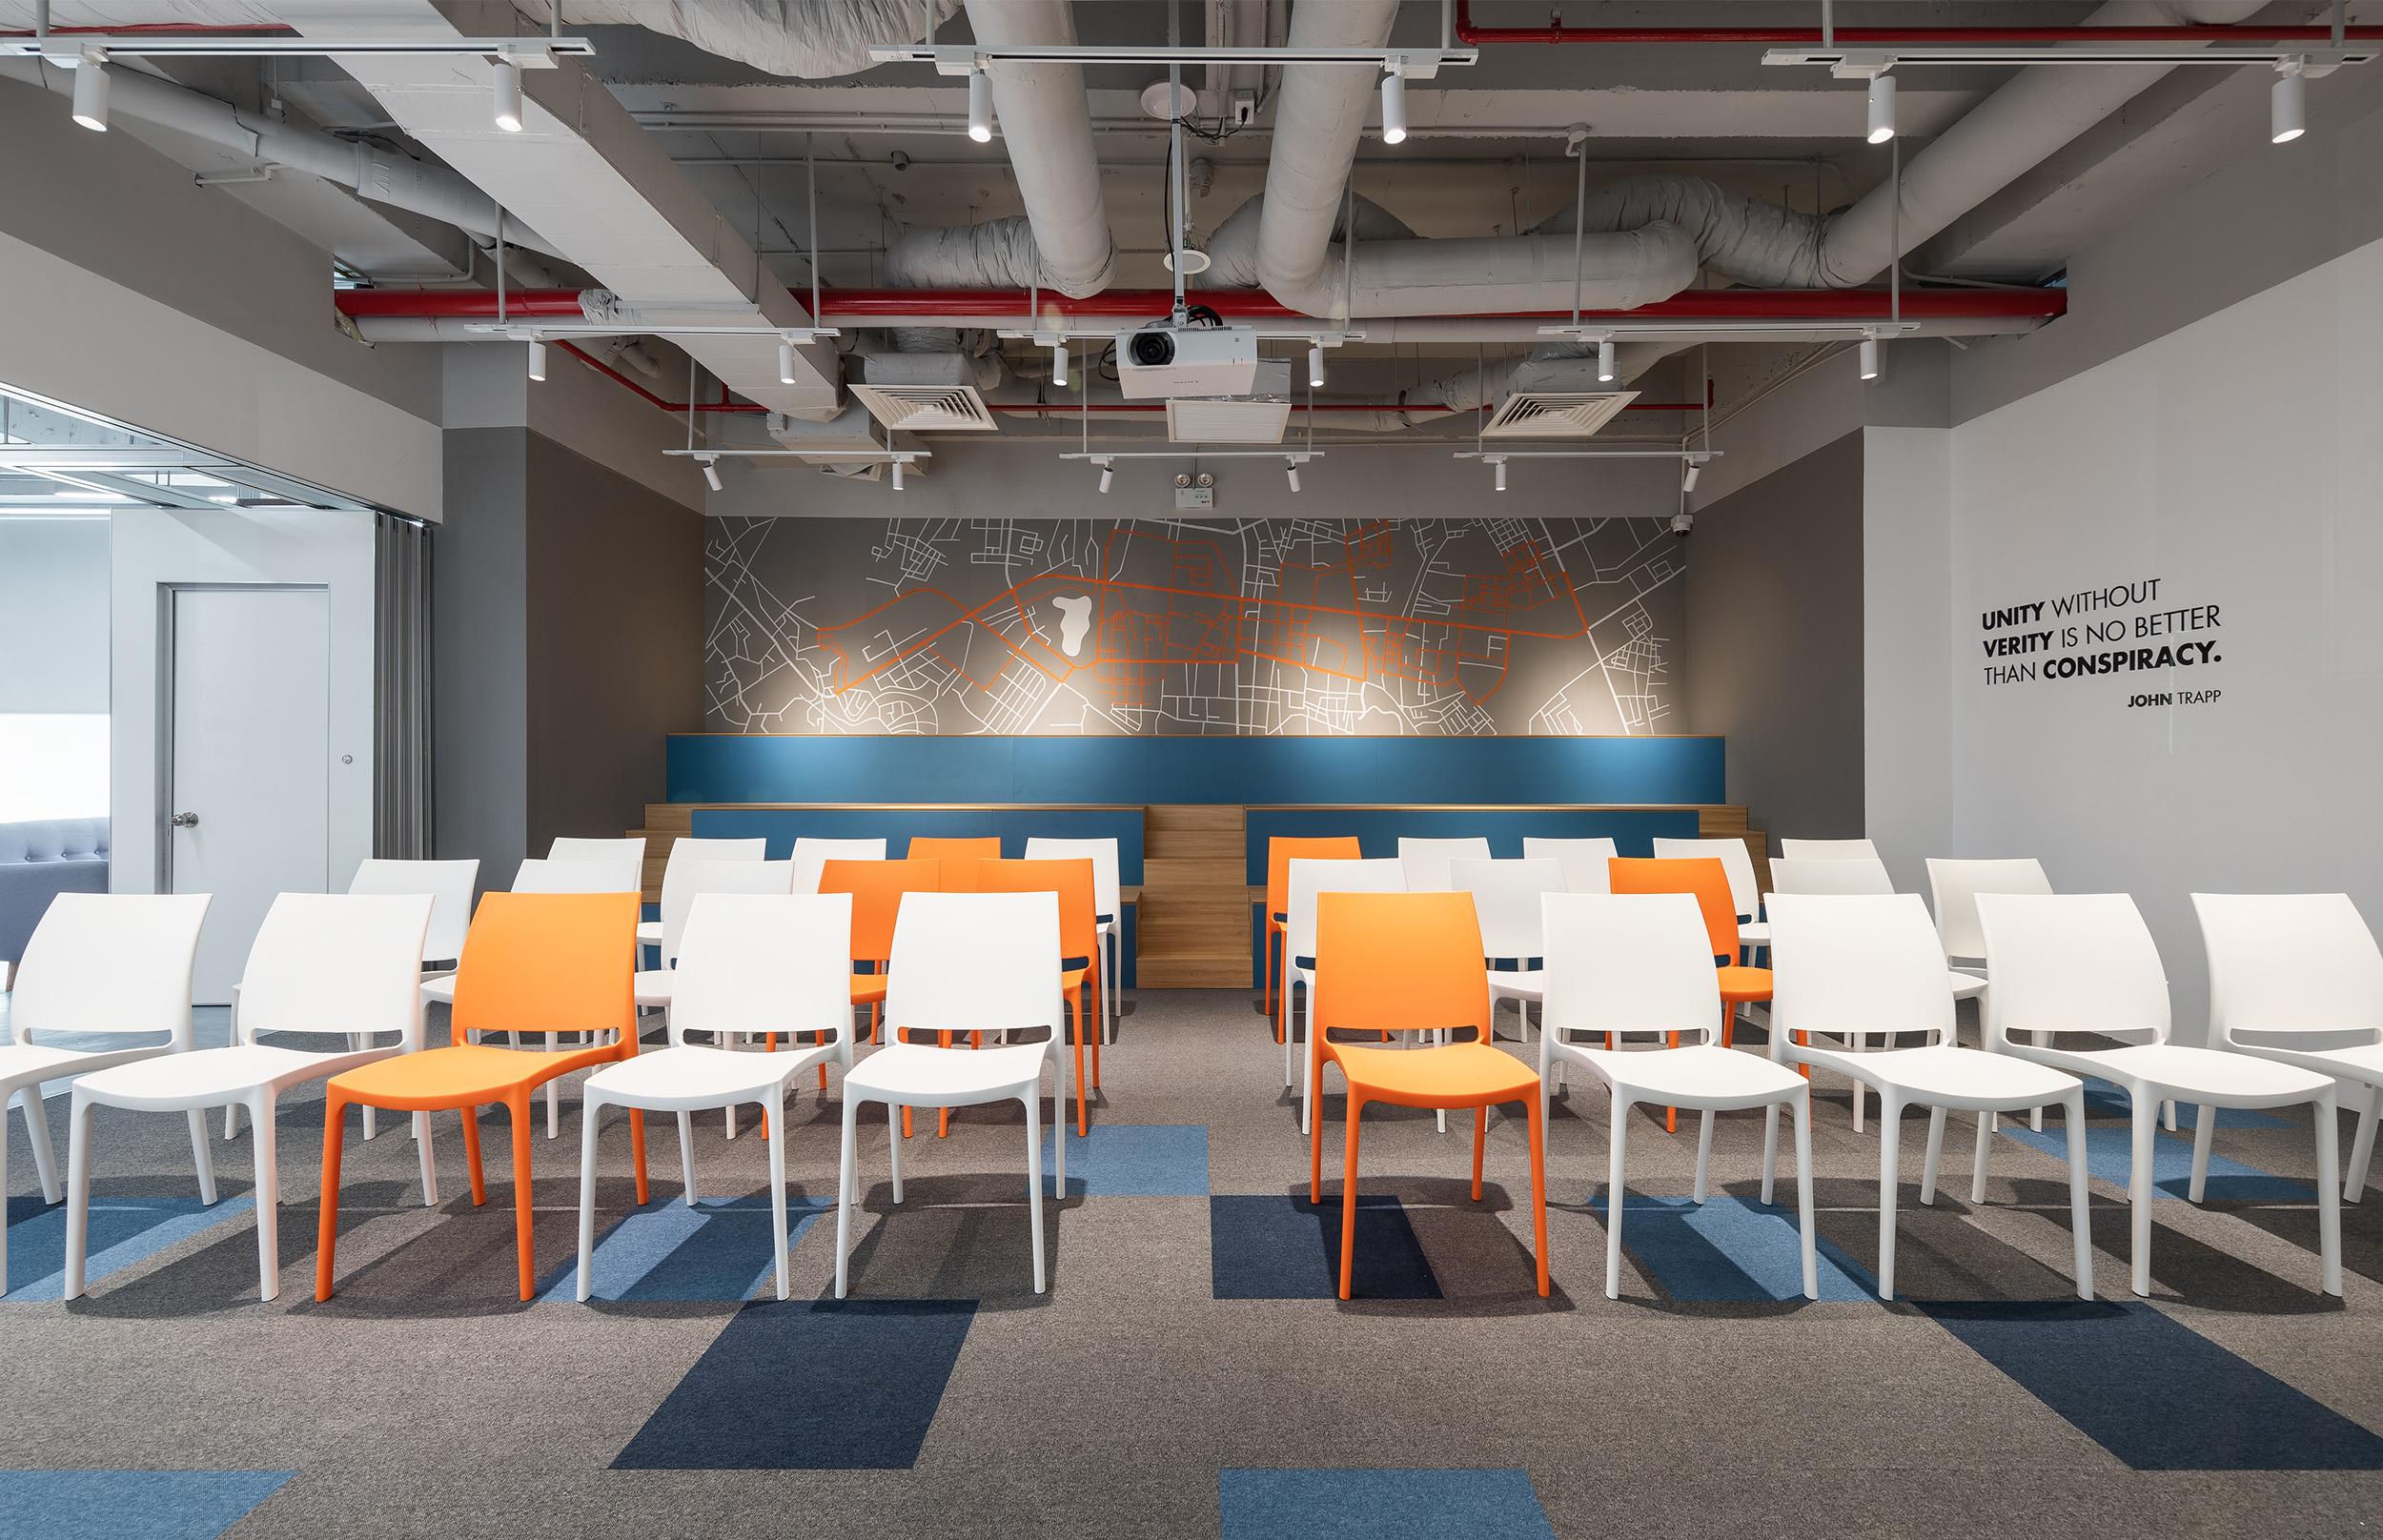 Không gian sinh hoạt chung tại văn phòng công ty DLS để tổ chức các hoạt động sự kiện, training, giới thiệu